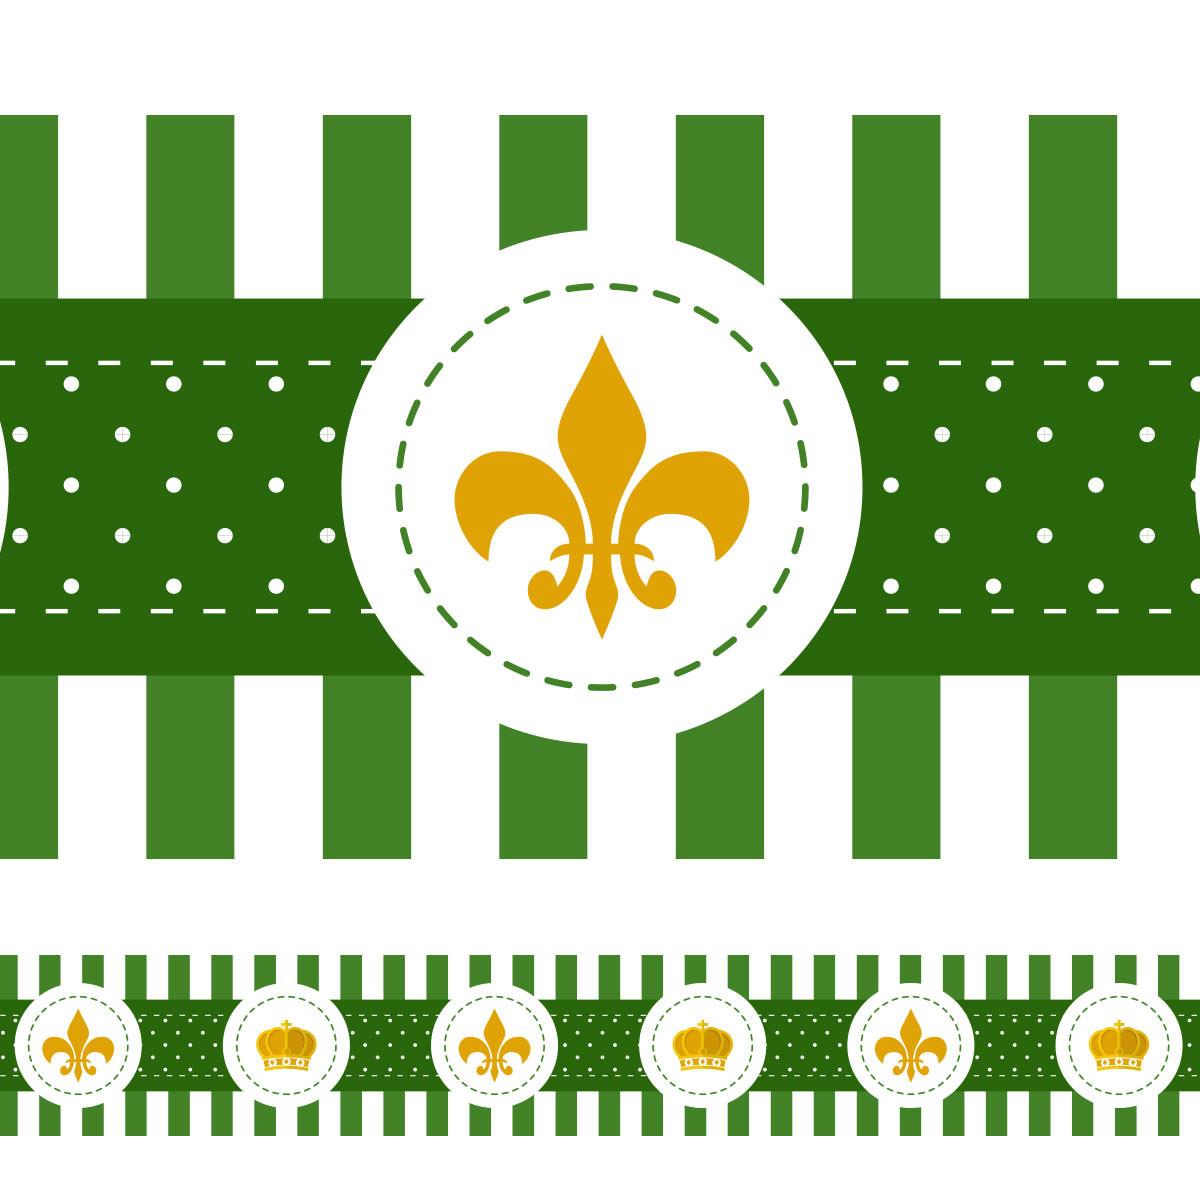 Faixa Decorativa Coroa e Flor de Lis - (Verde)